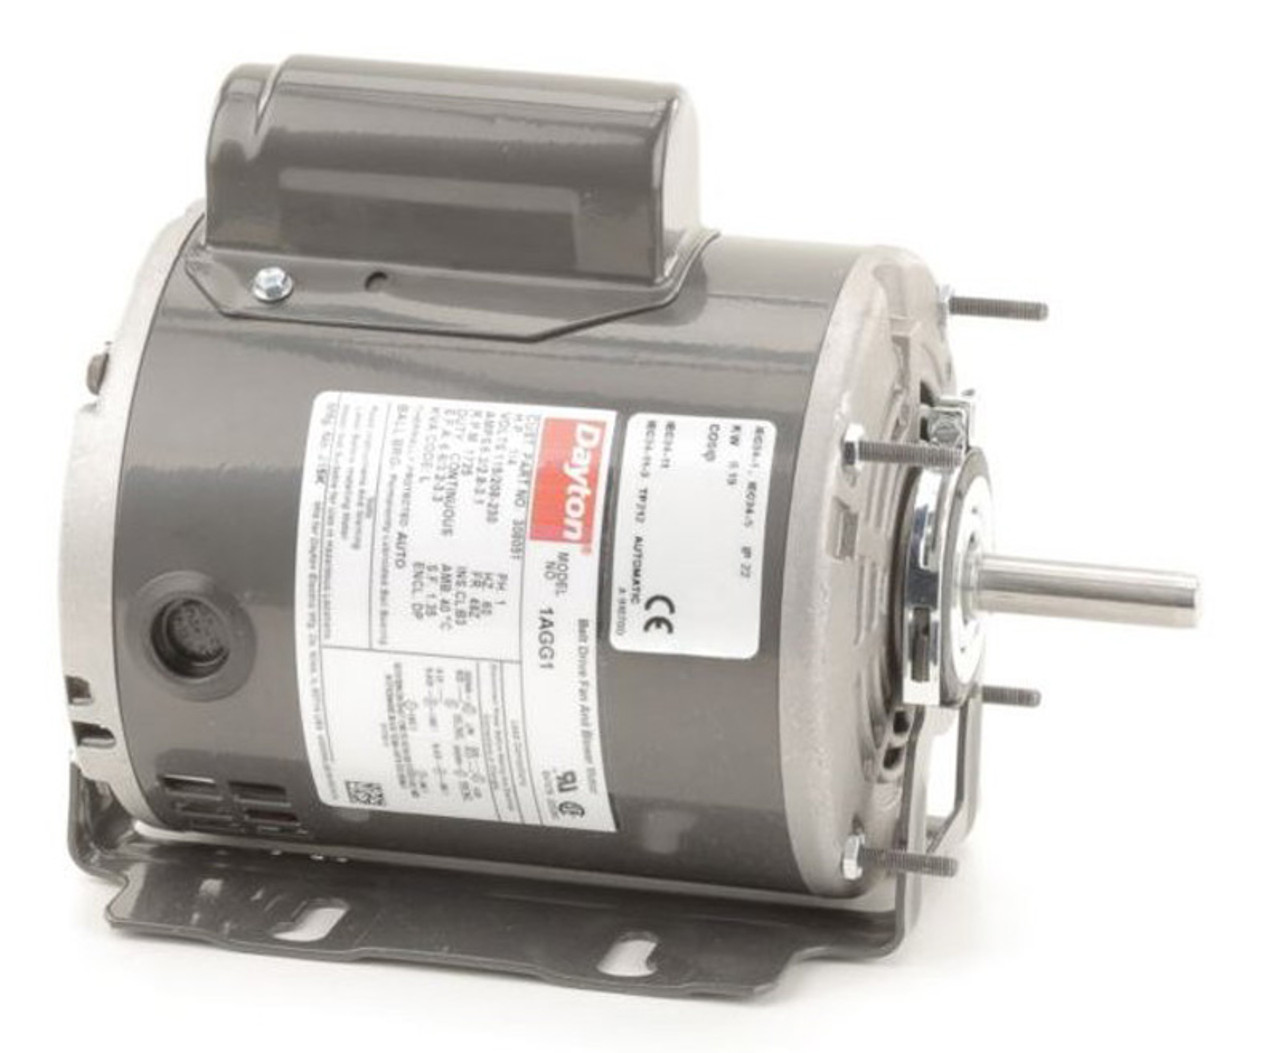 Dayton Electric Motor 4hp 230v Wiring Diagram. . Wiring Diagram on